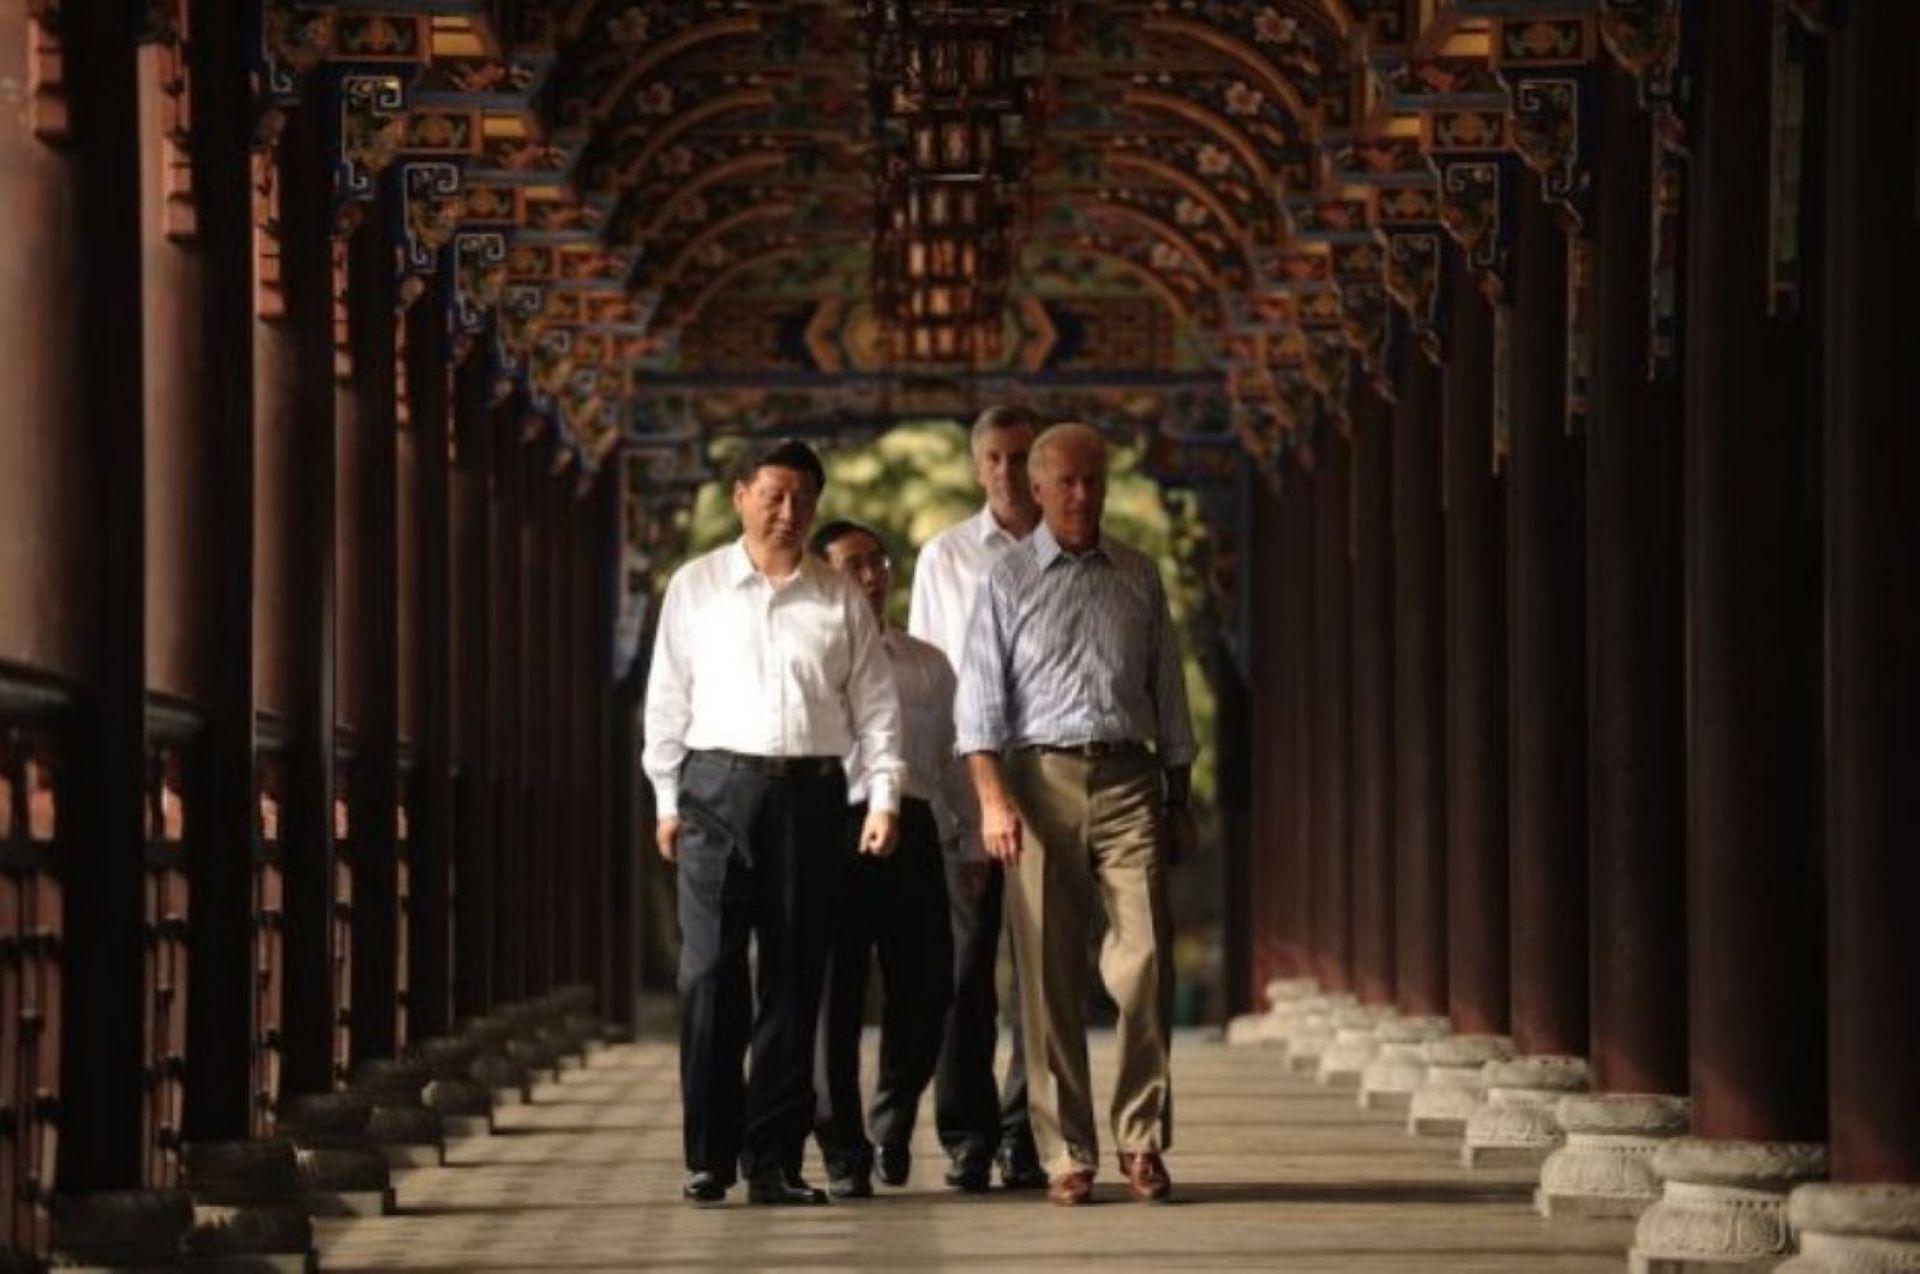 2011年8月21日,习近平和拜登一同参观了都江堰灌溉系统。(新华社)